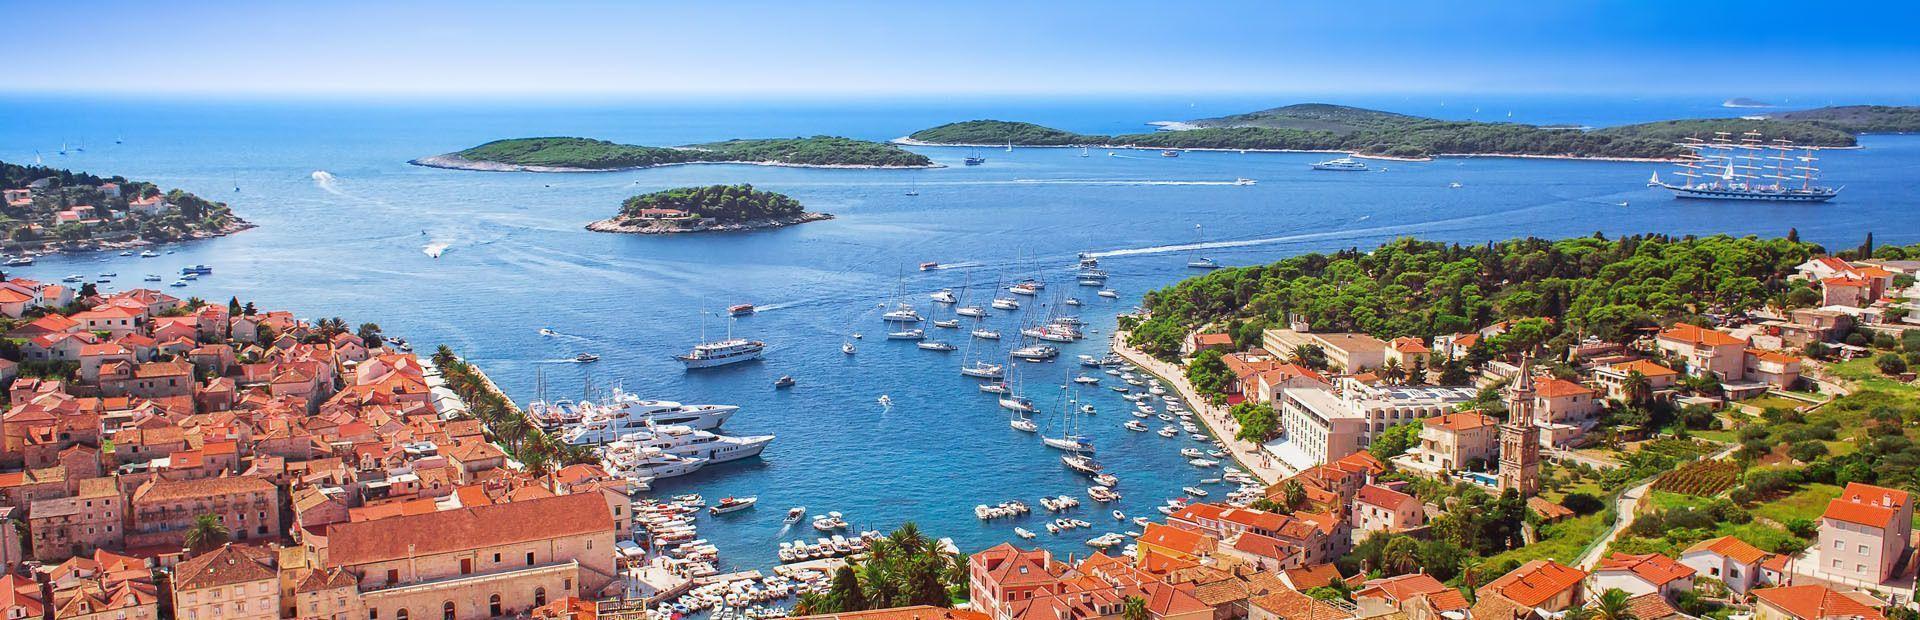 Croazia: i paesaggi di Dubrovnik e il mare di Hvar